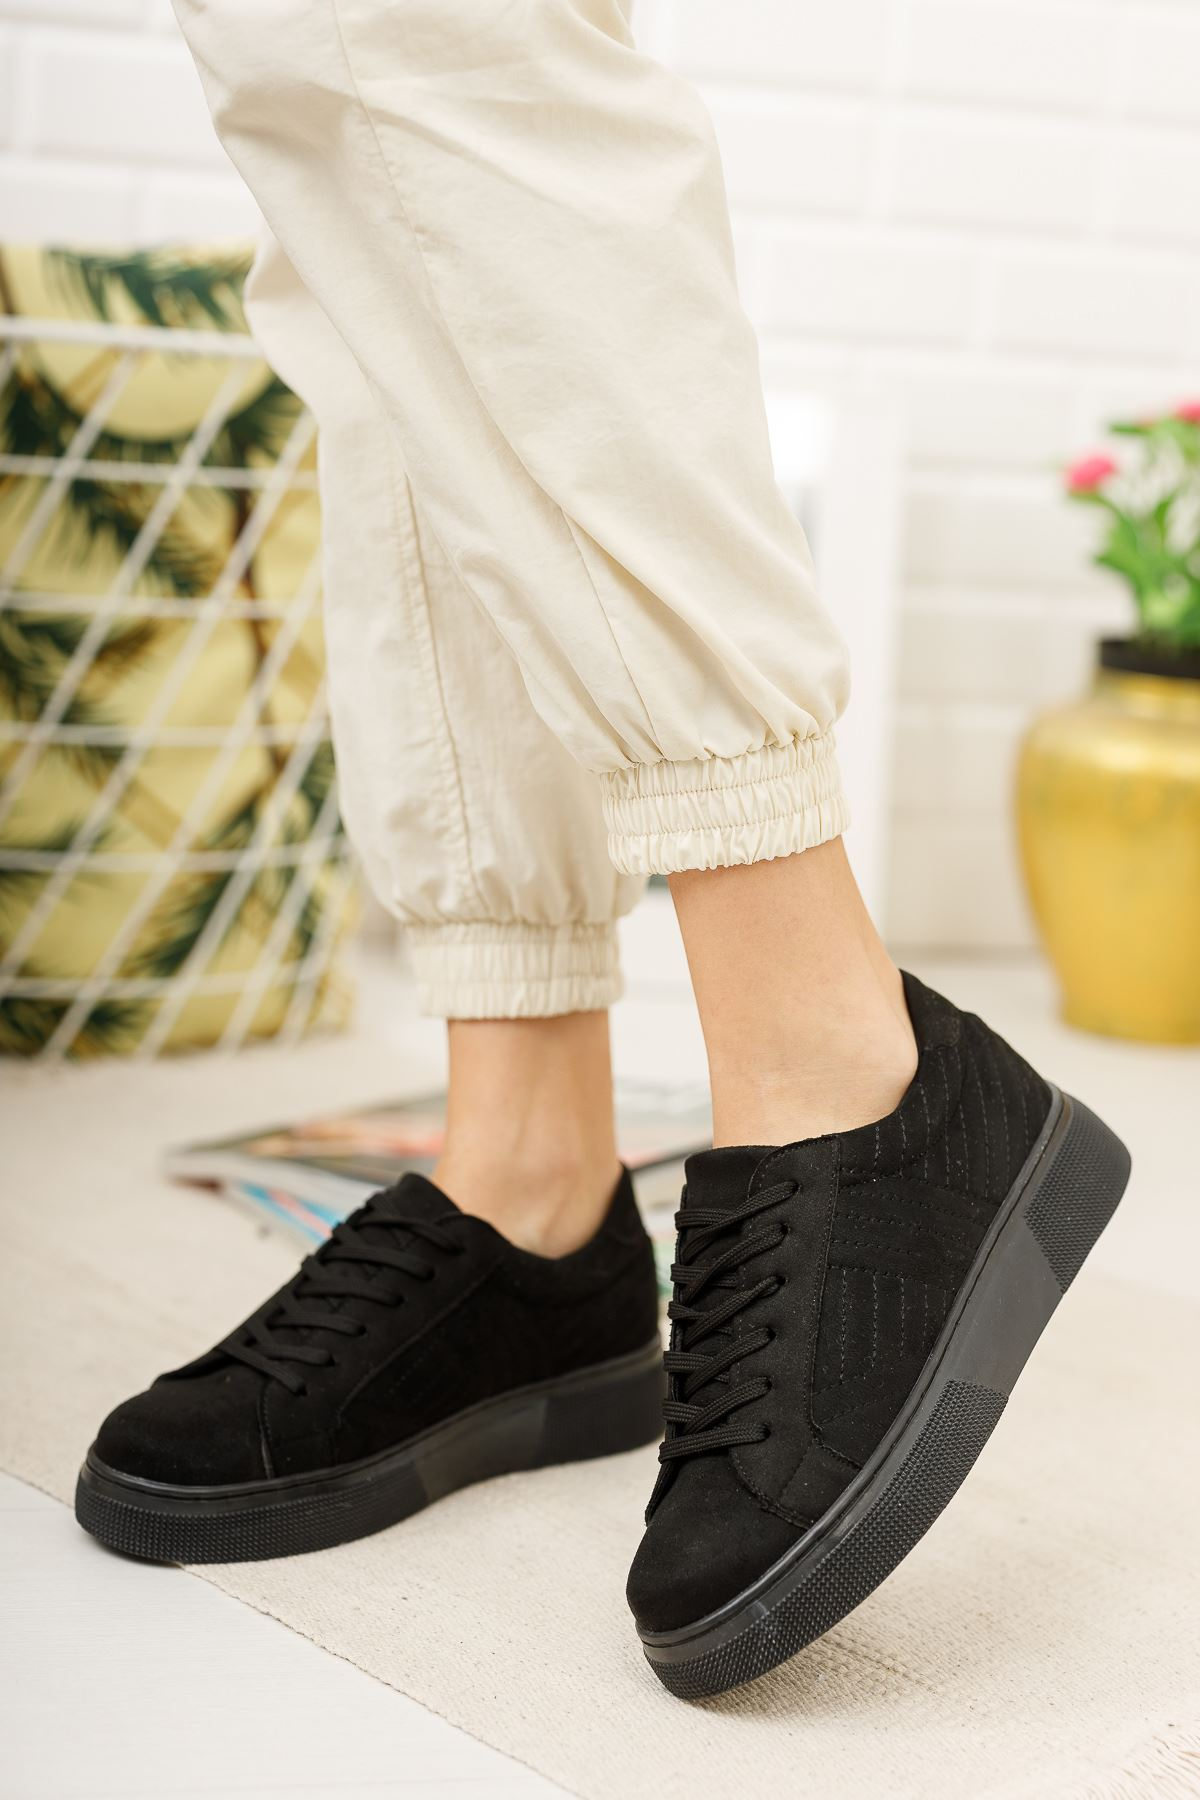 Bağcıklı Siyah Tabanı Siyah Süet Spor Ayakkabı